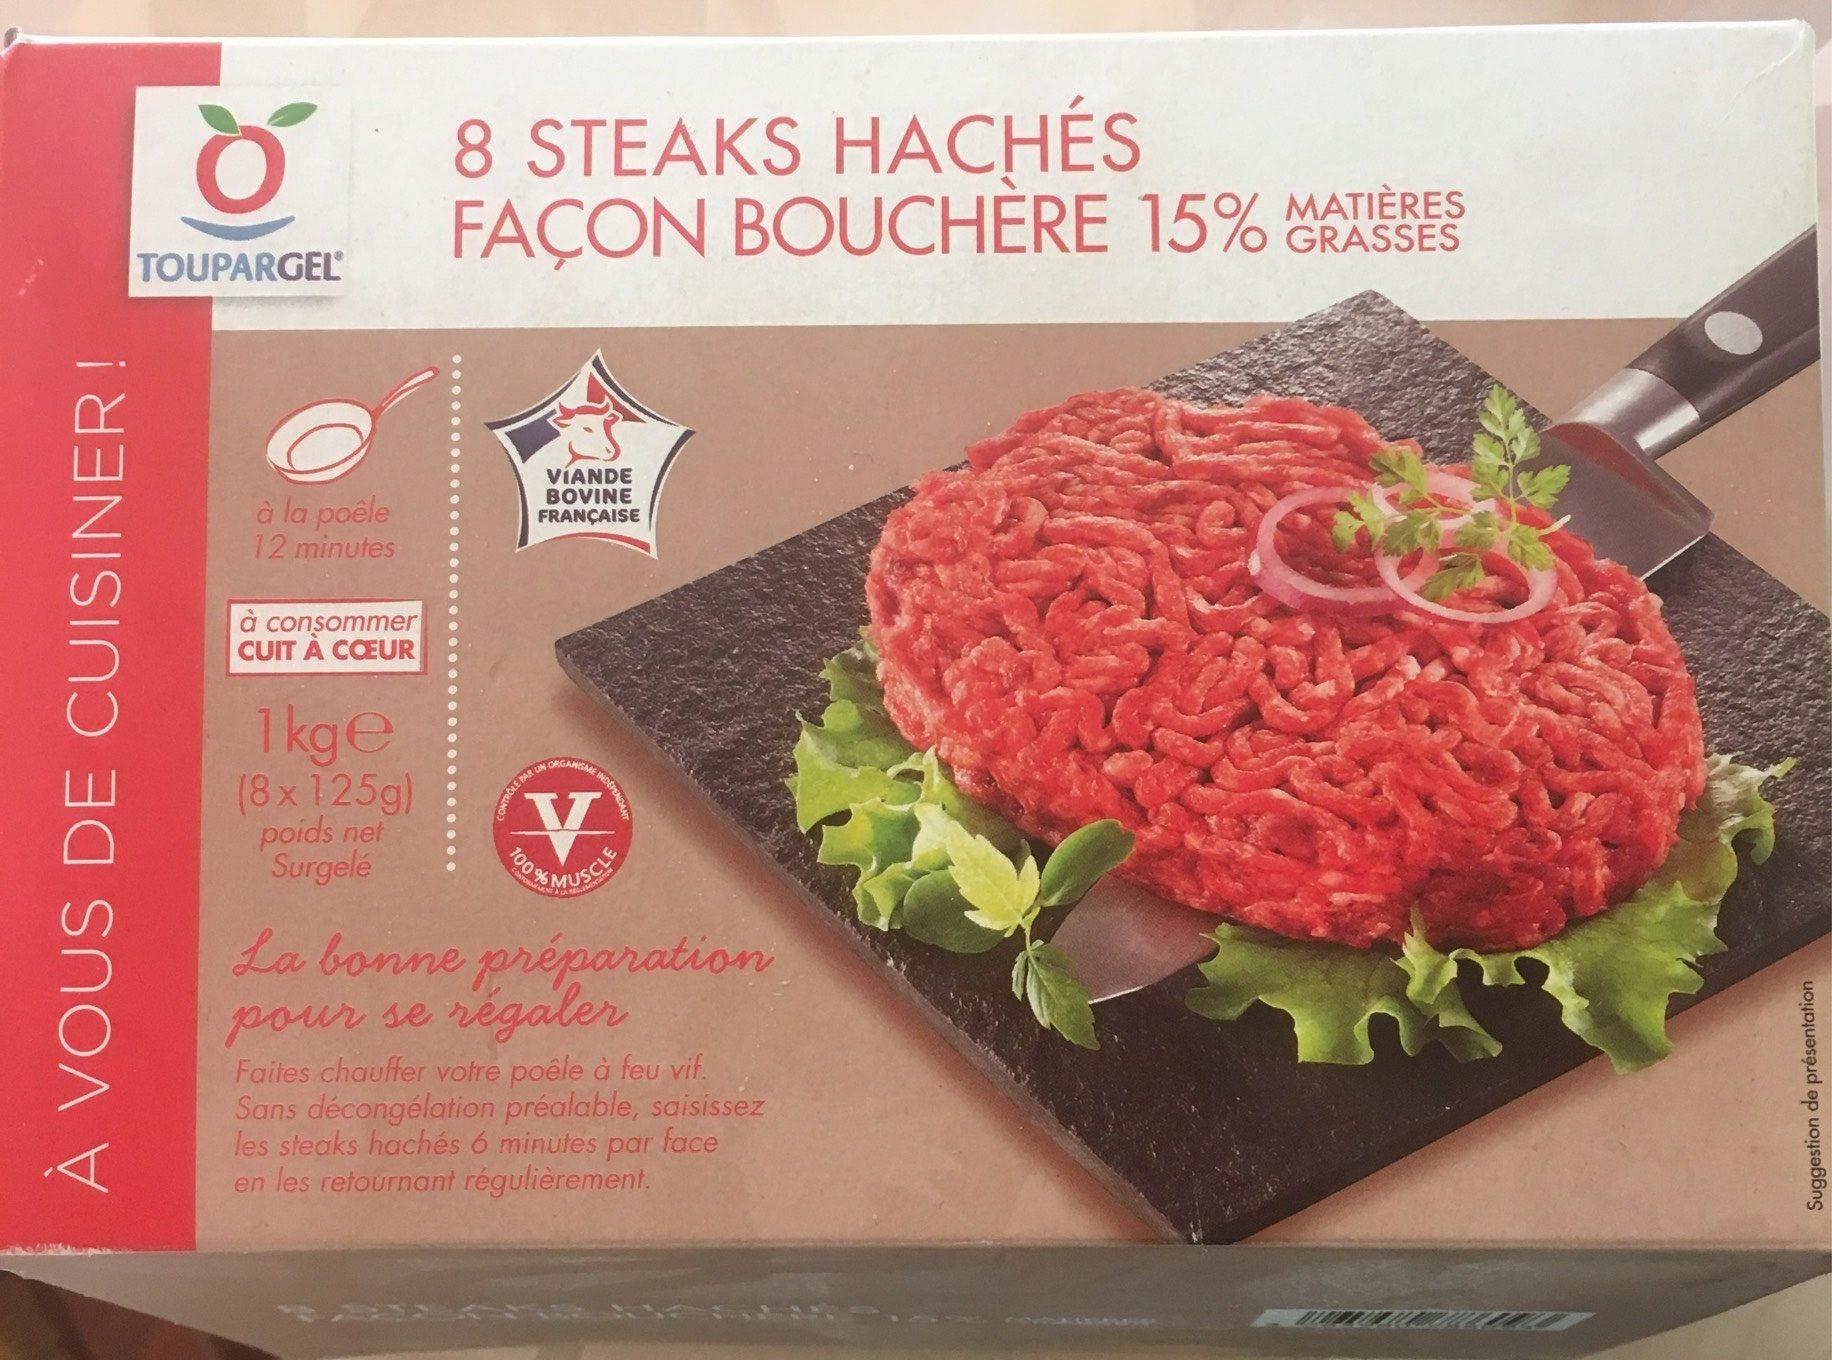 8 steaks hachés façon bouchère - Produit